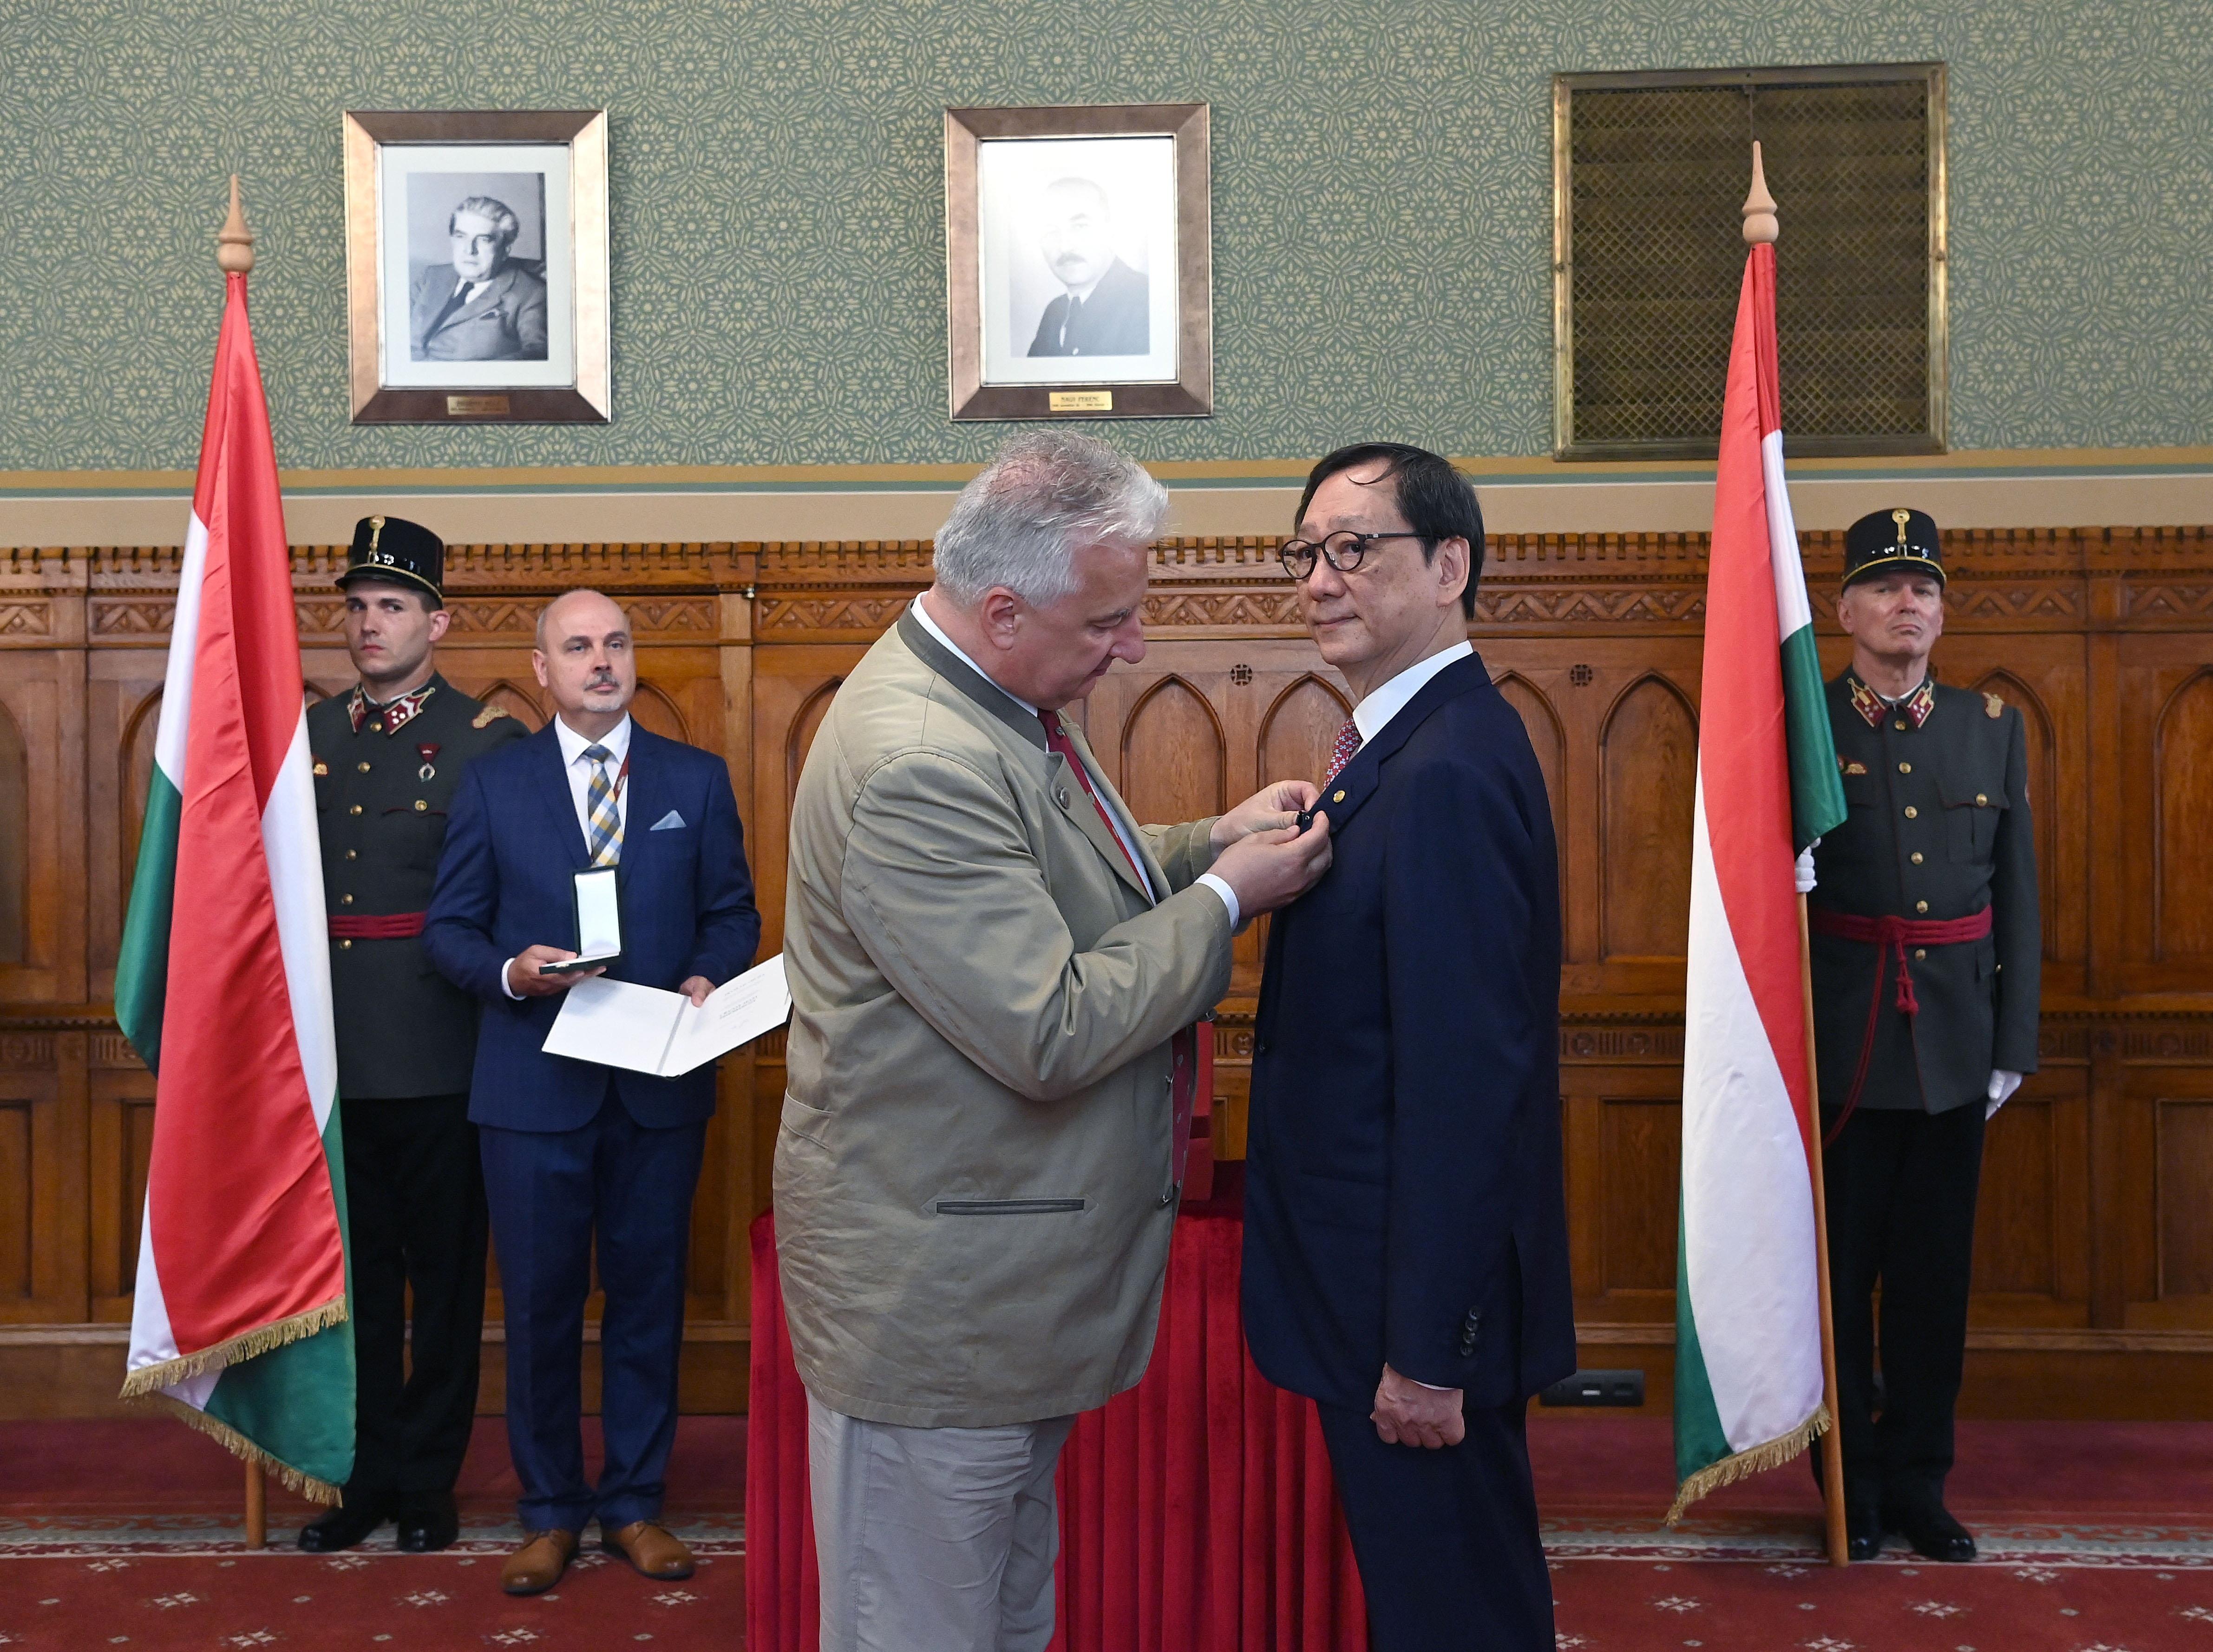 Semjén Zsolt a Magyar Arany Érdemkereszttel tüntette ki Frank Liu Chi-Jent a magyar-kínai kapcsolatok fejlesztéséért